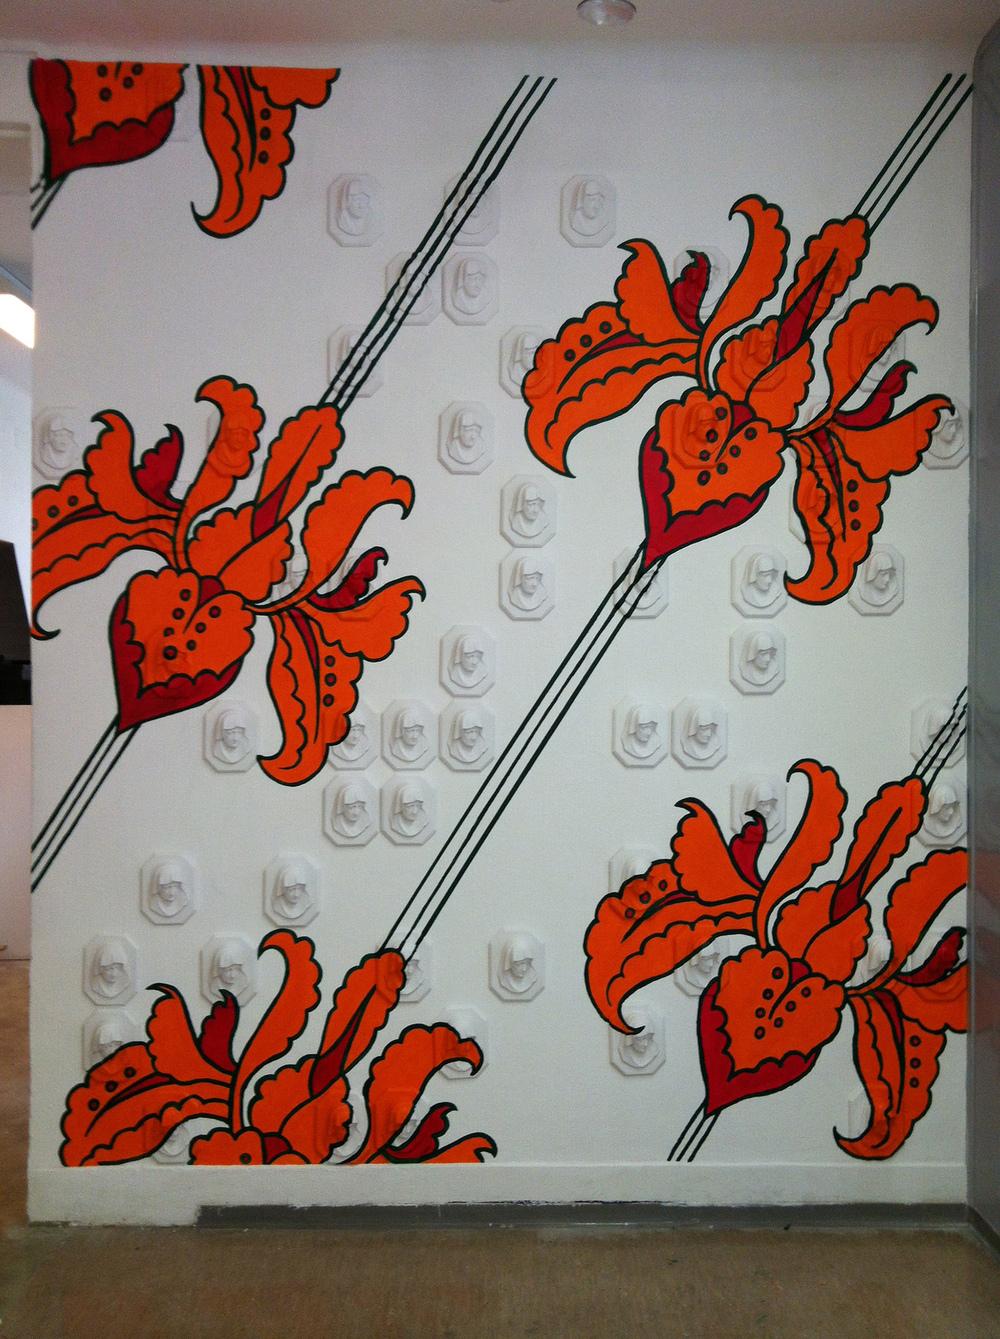 Luana Cruciato - Madone 58 moulages en plâtre et peinture acrylique 300cm x 195cm ECAV, Sierre 2012